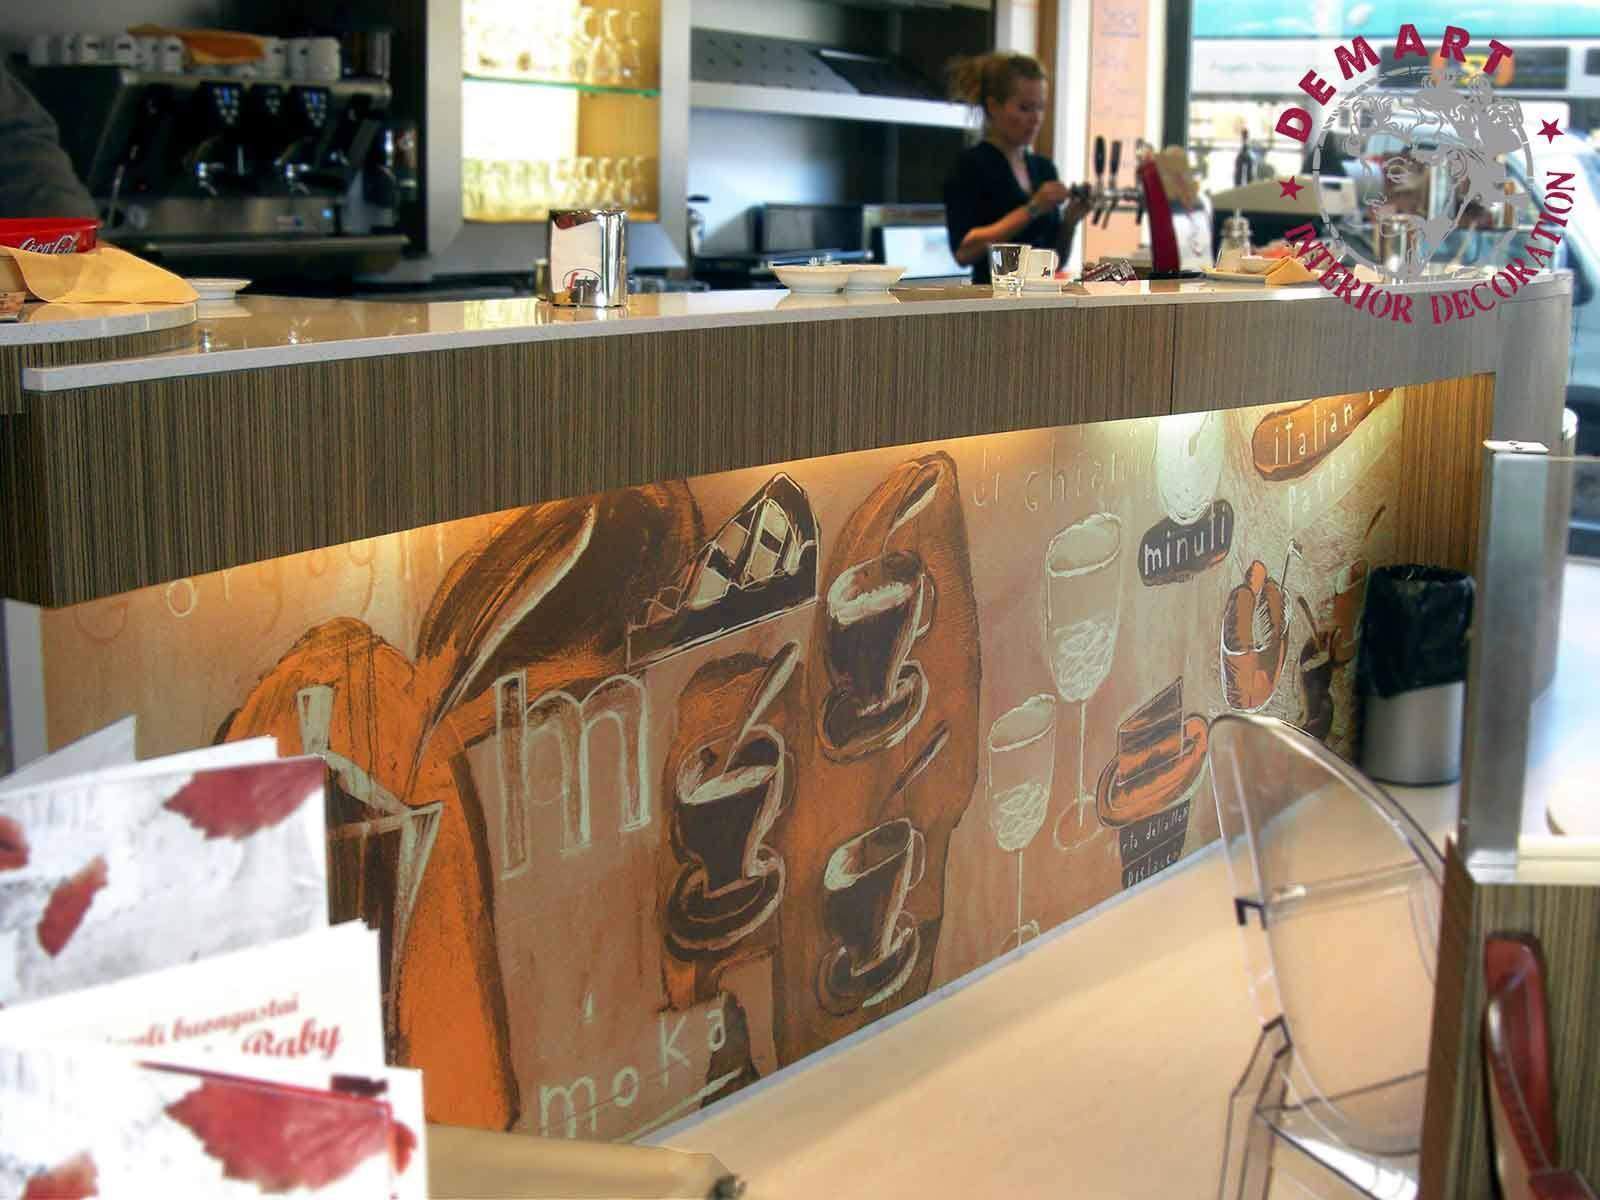 decorazione-bancone-ristorante-pastarito-02